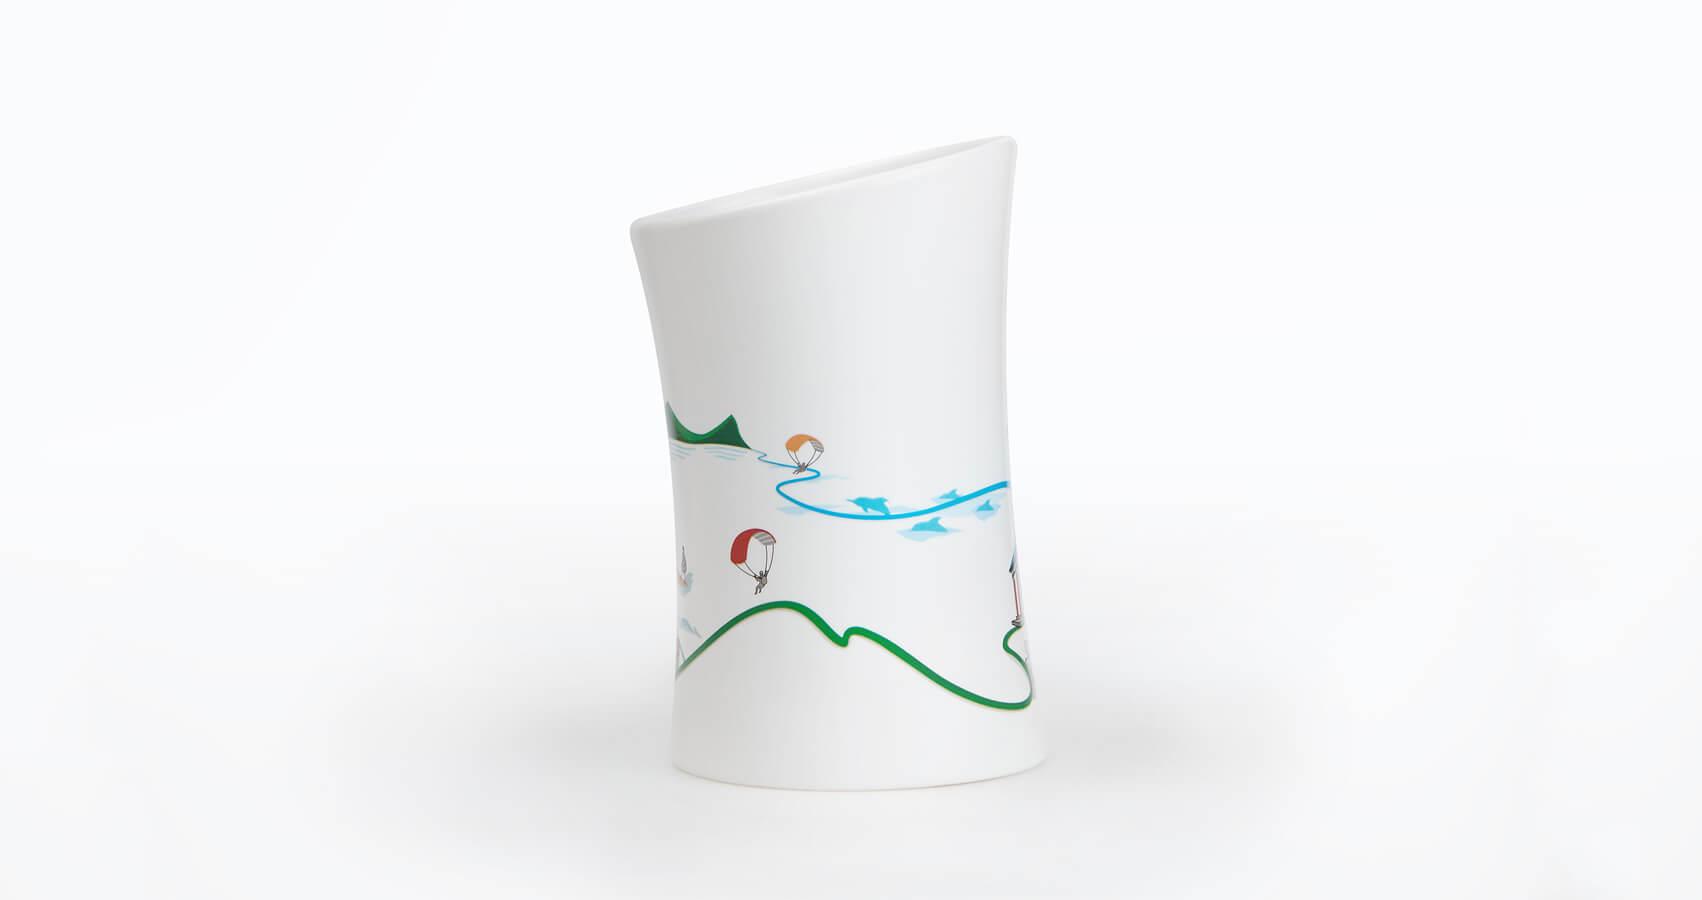 宜蘭變色杯-中間_1700x900px